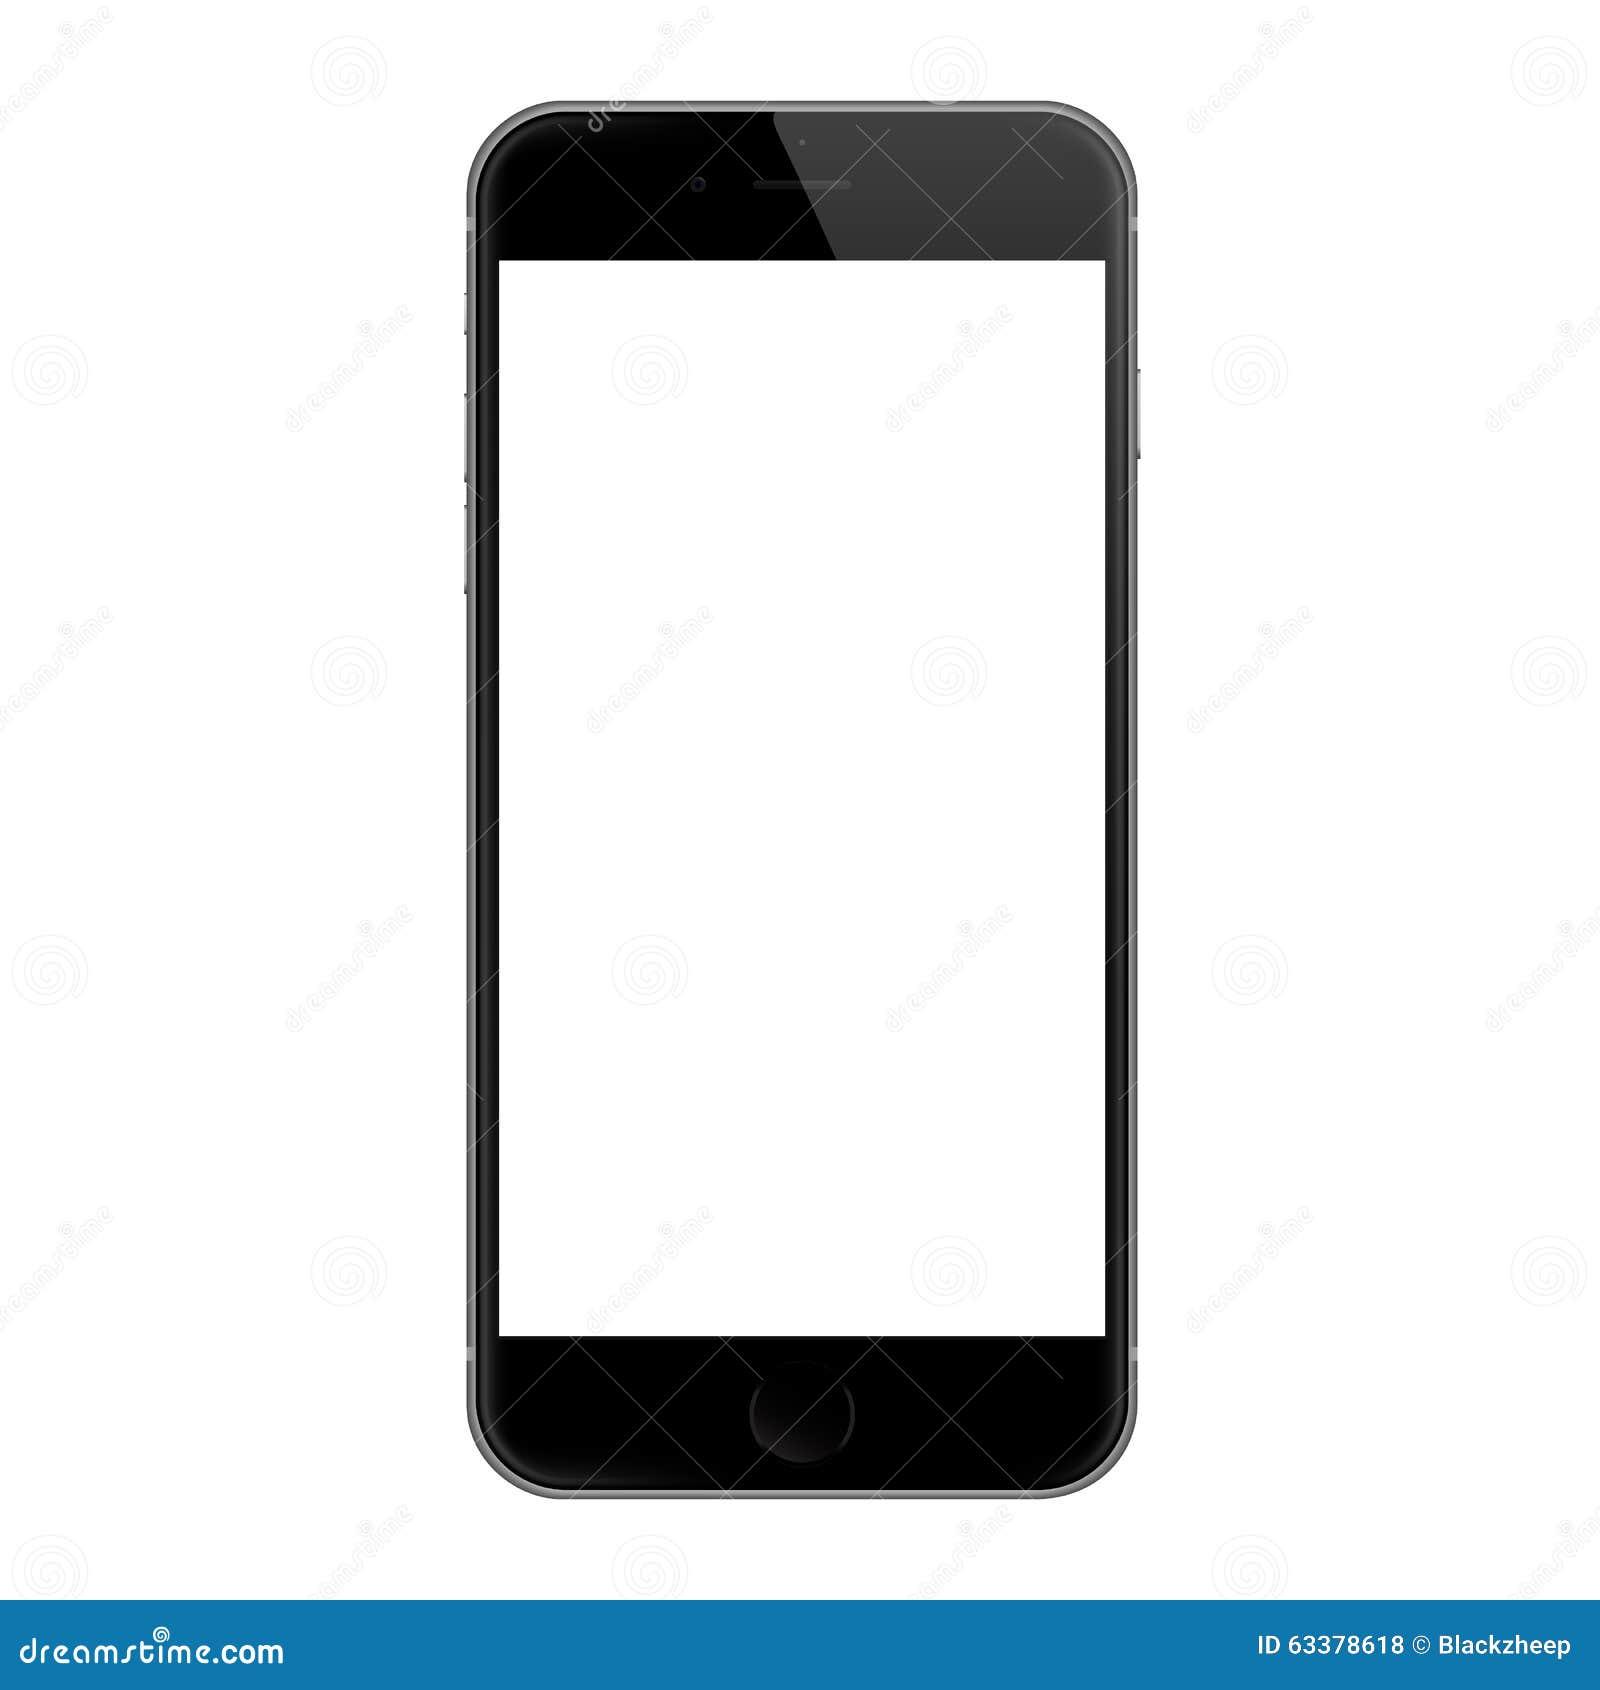 Ρεαλιστικό iphone 6 κενό διανυσματικό σχέδιο οθόνης, iphone 6 που αναπτύσσεται από τη Apple Inc